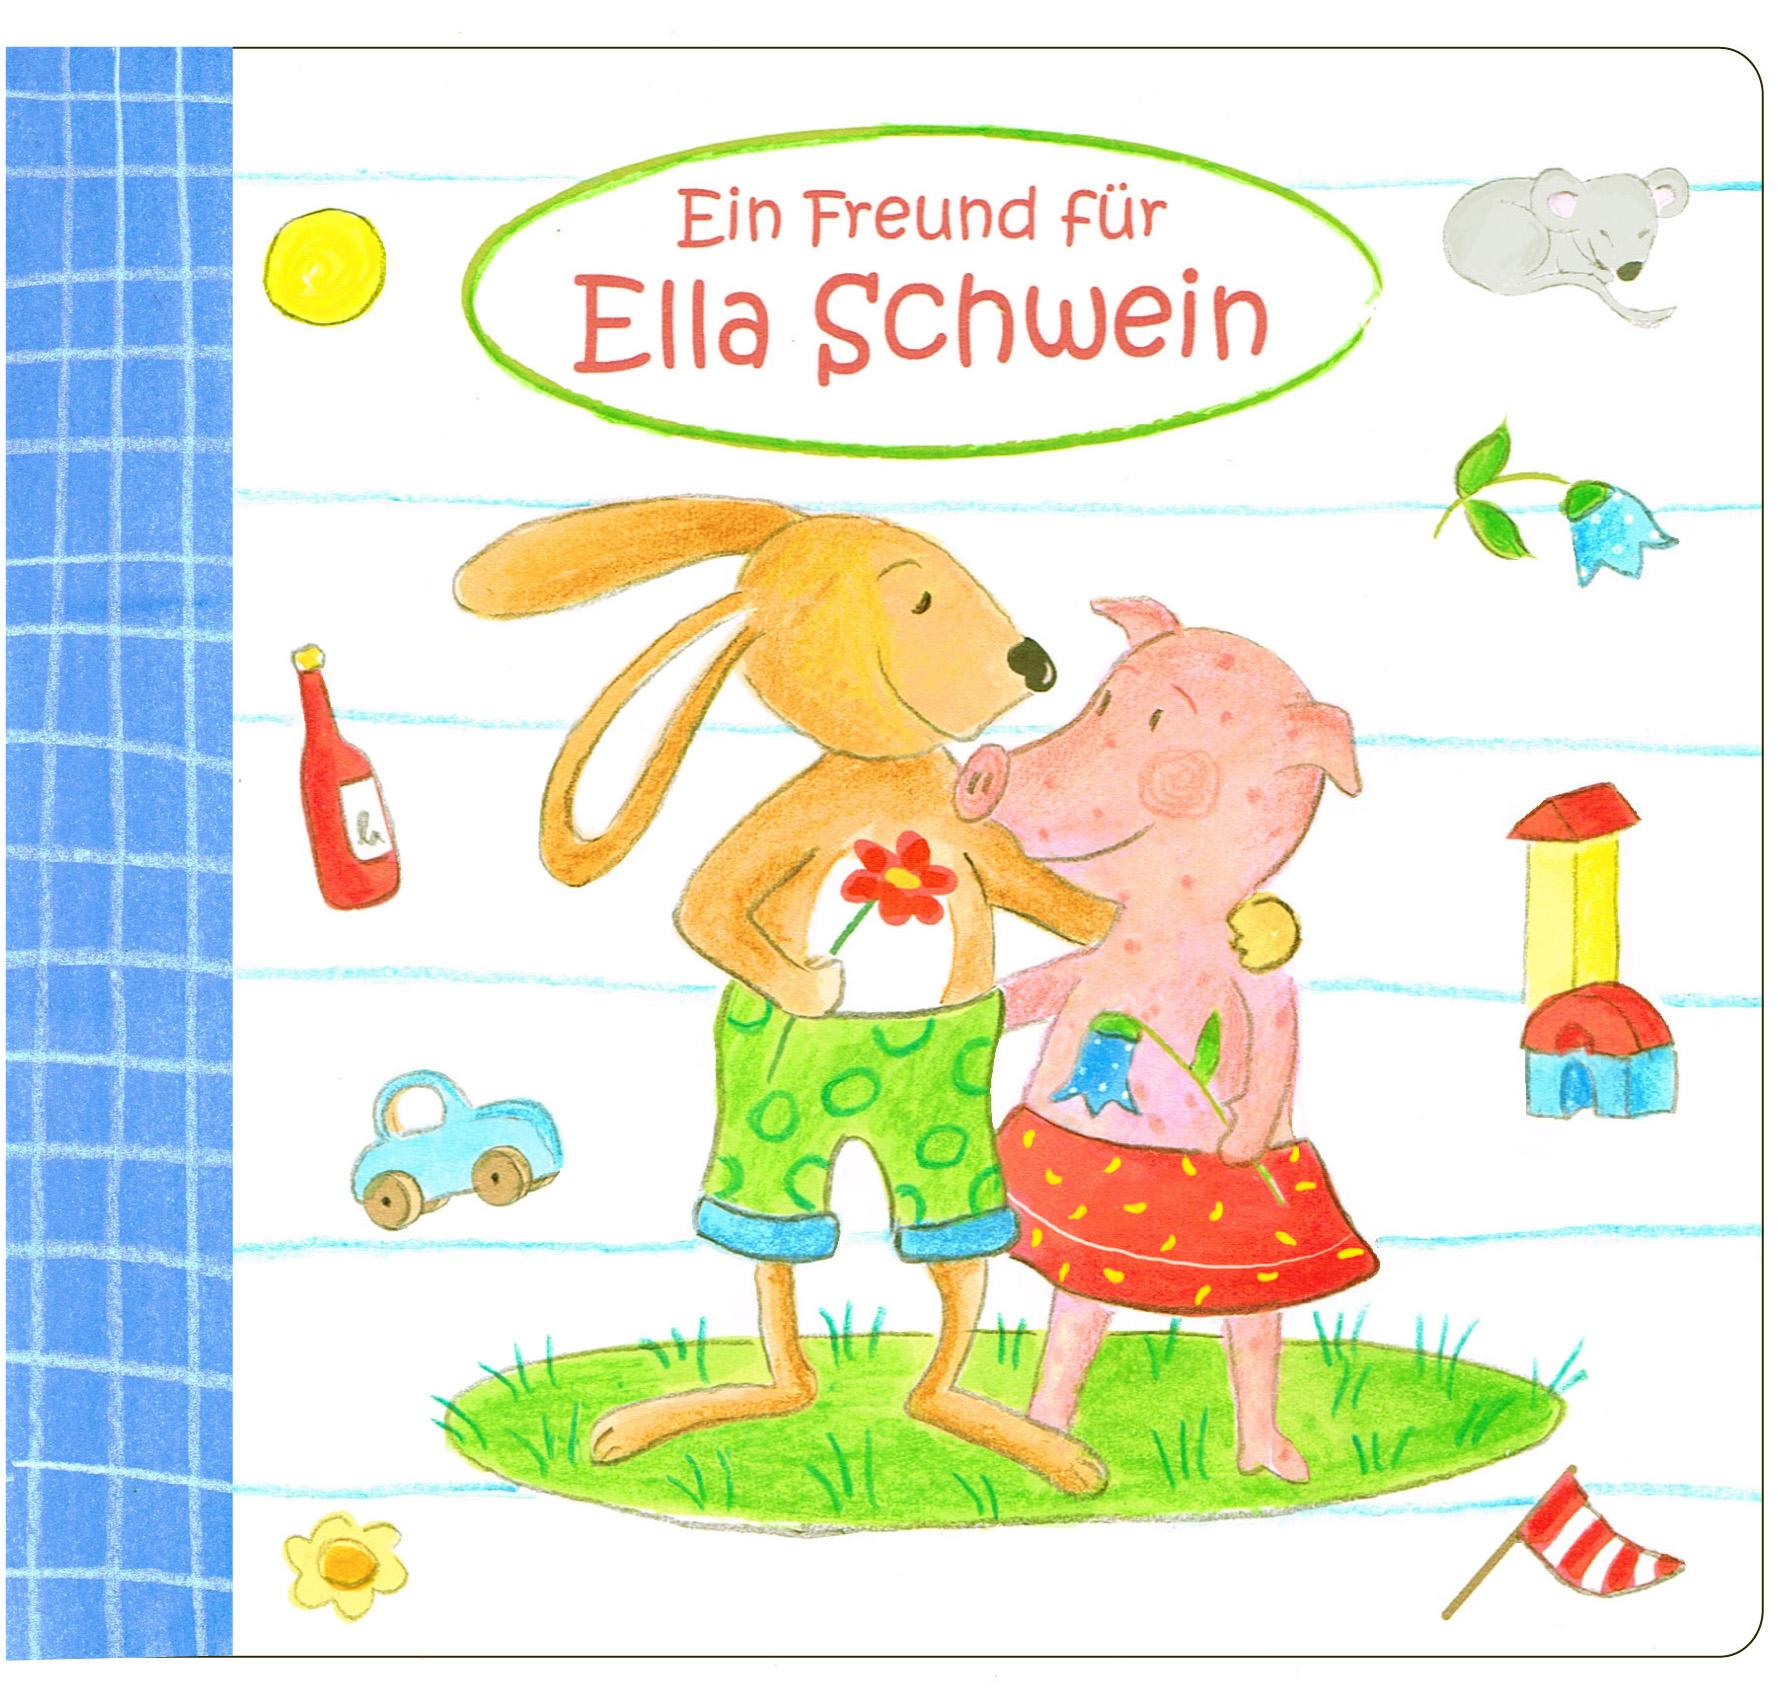 Ein Freund für Ella Schwein